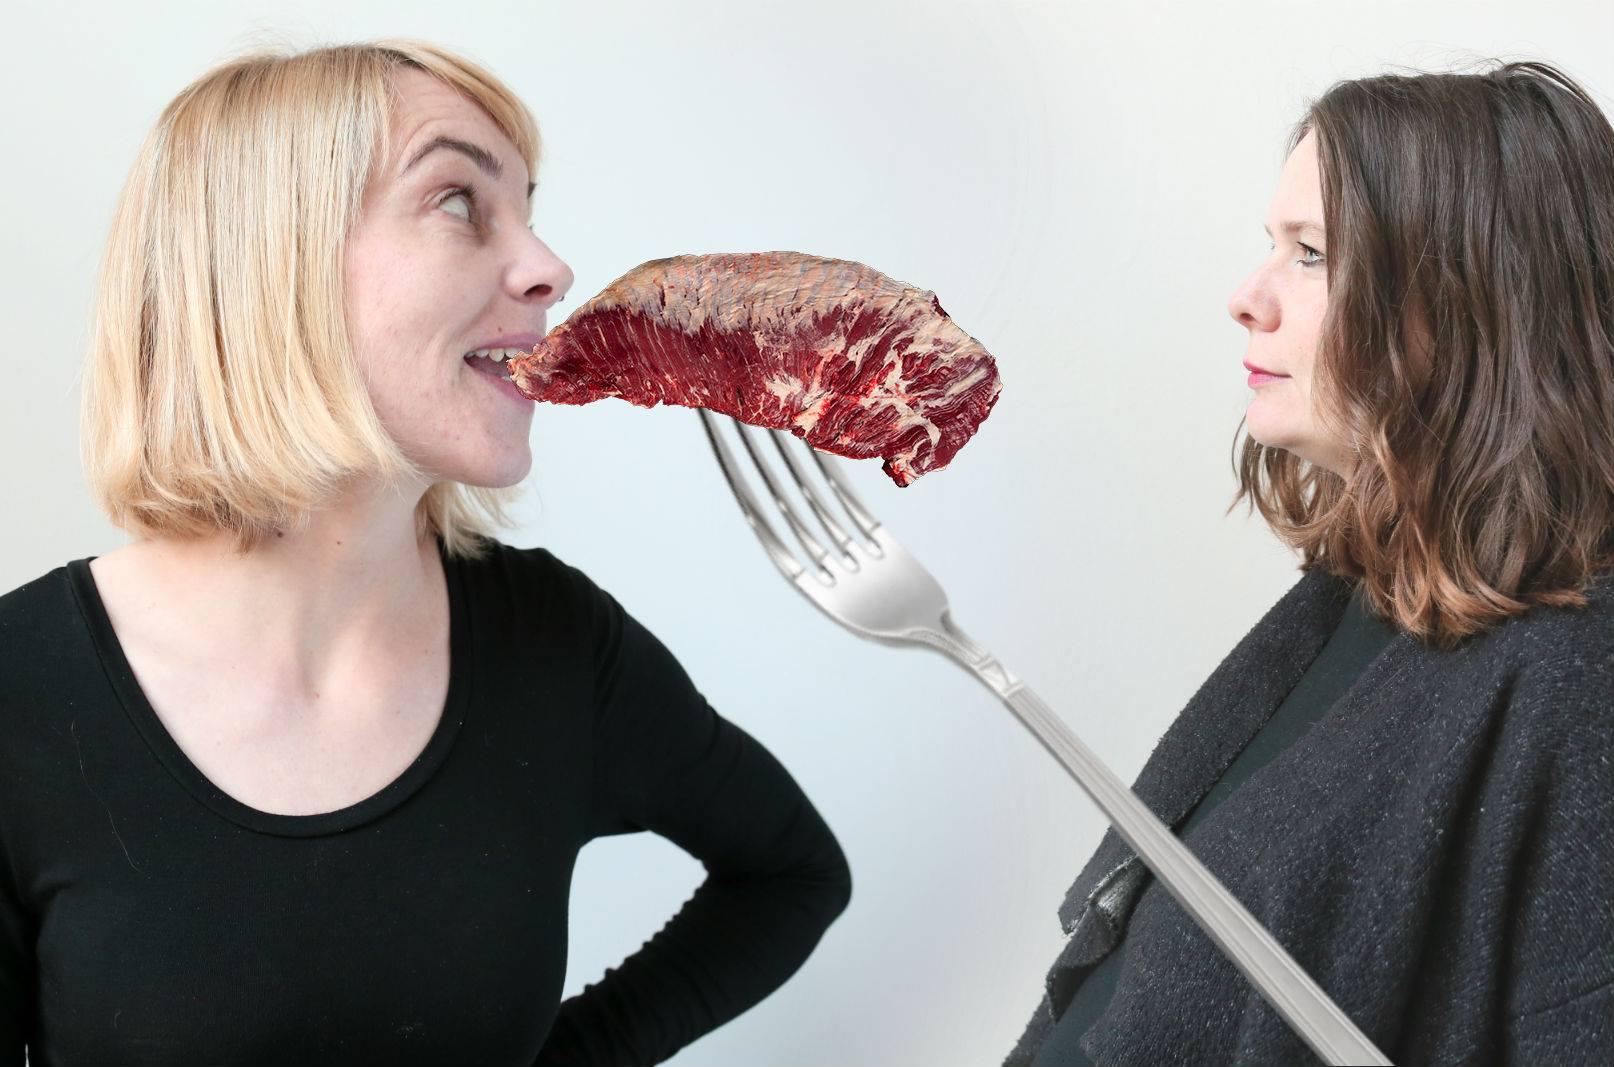 Ivana Veselková a Zuzana Fuksová vs. vegetariánská kuchyně